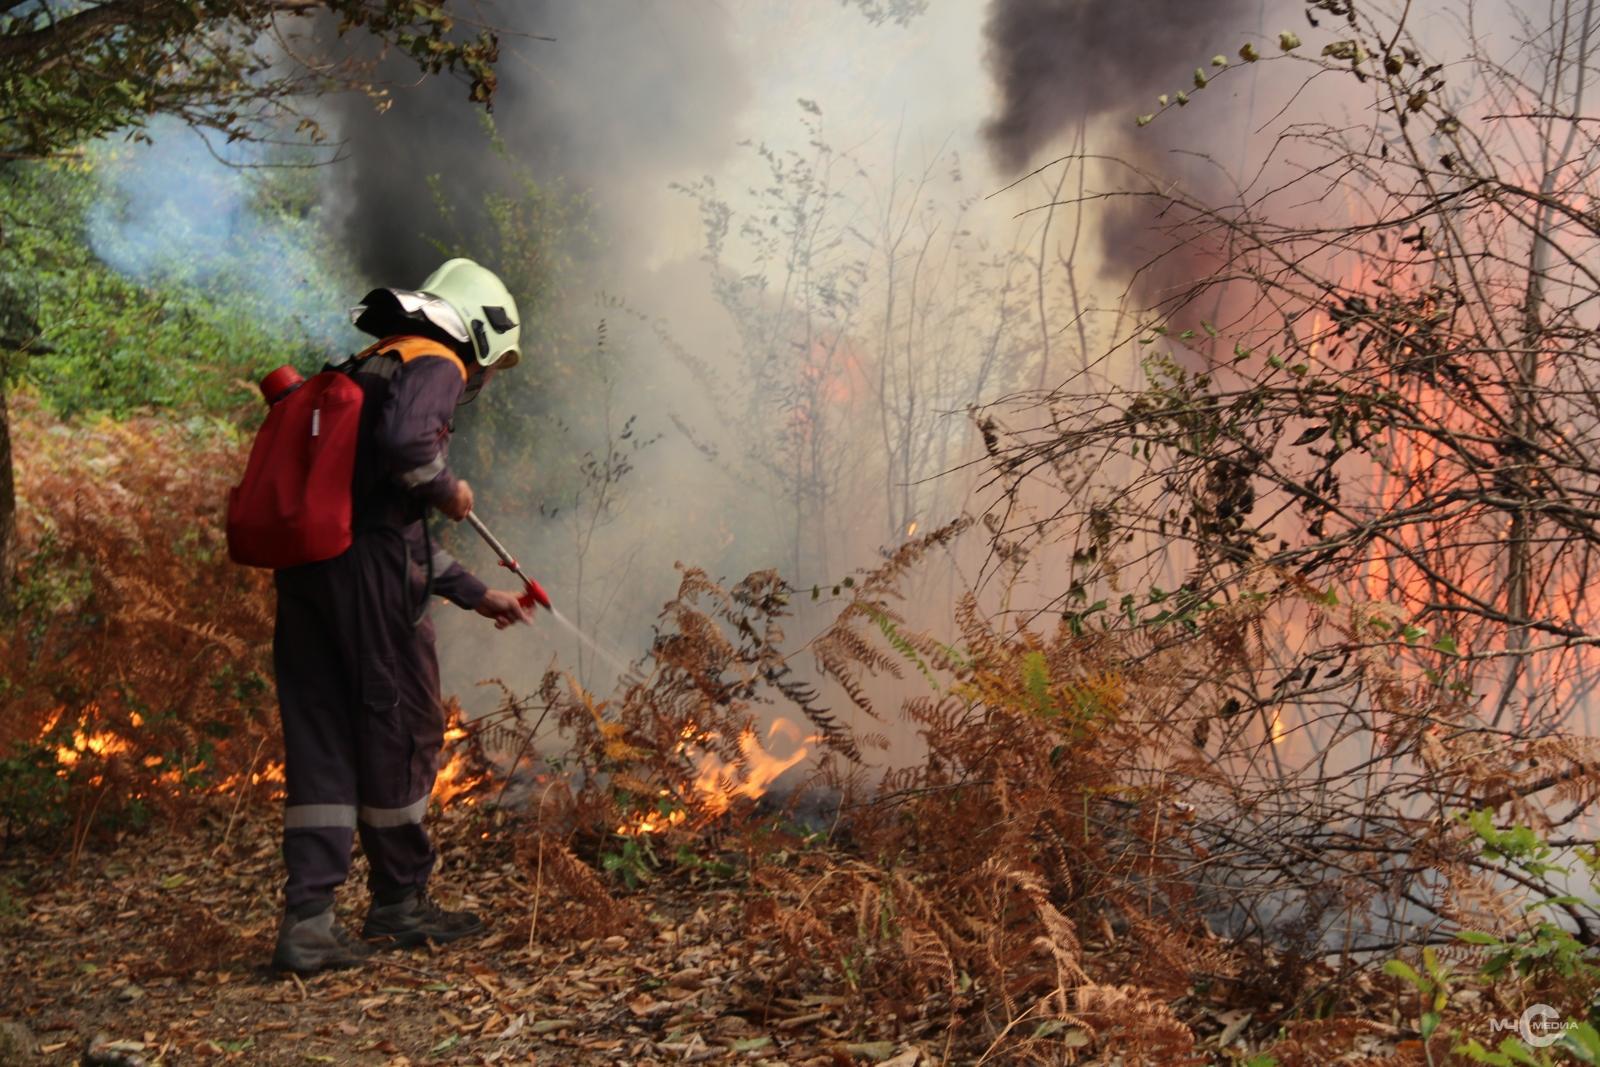 посмотреть картинки на тему пожар в лесу интересности исследования